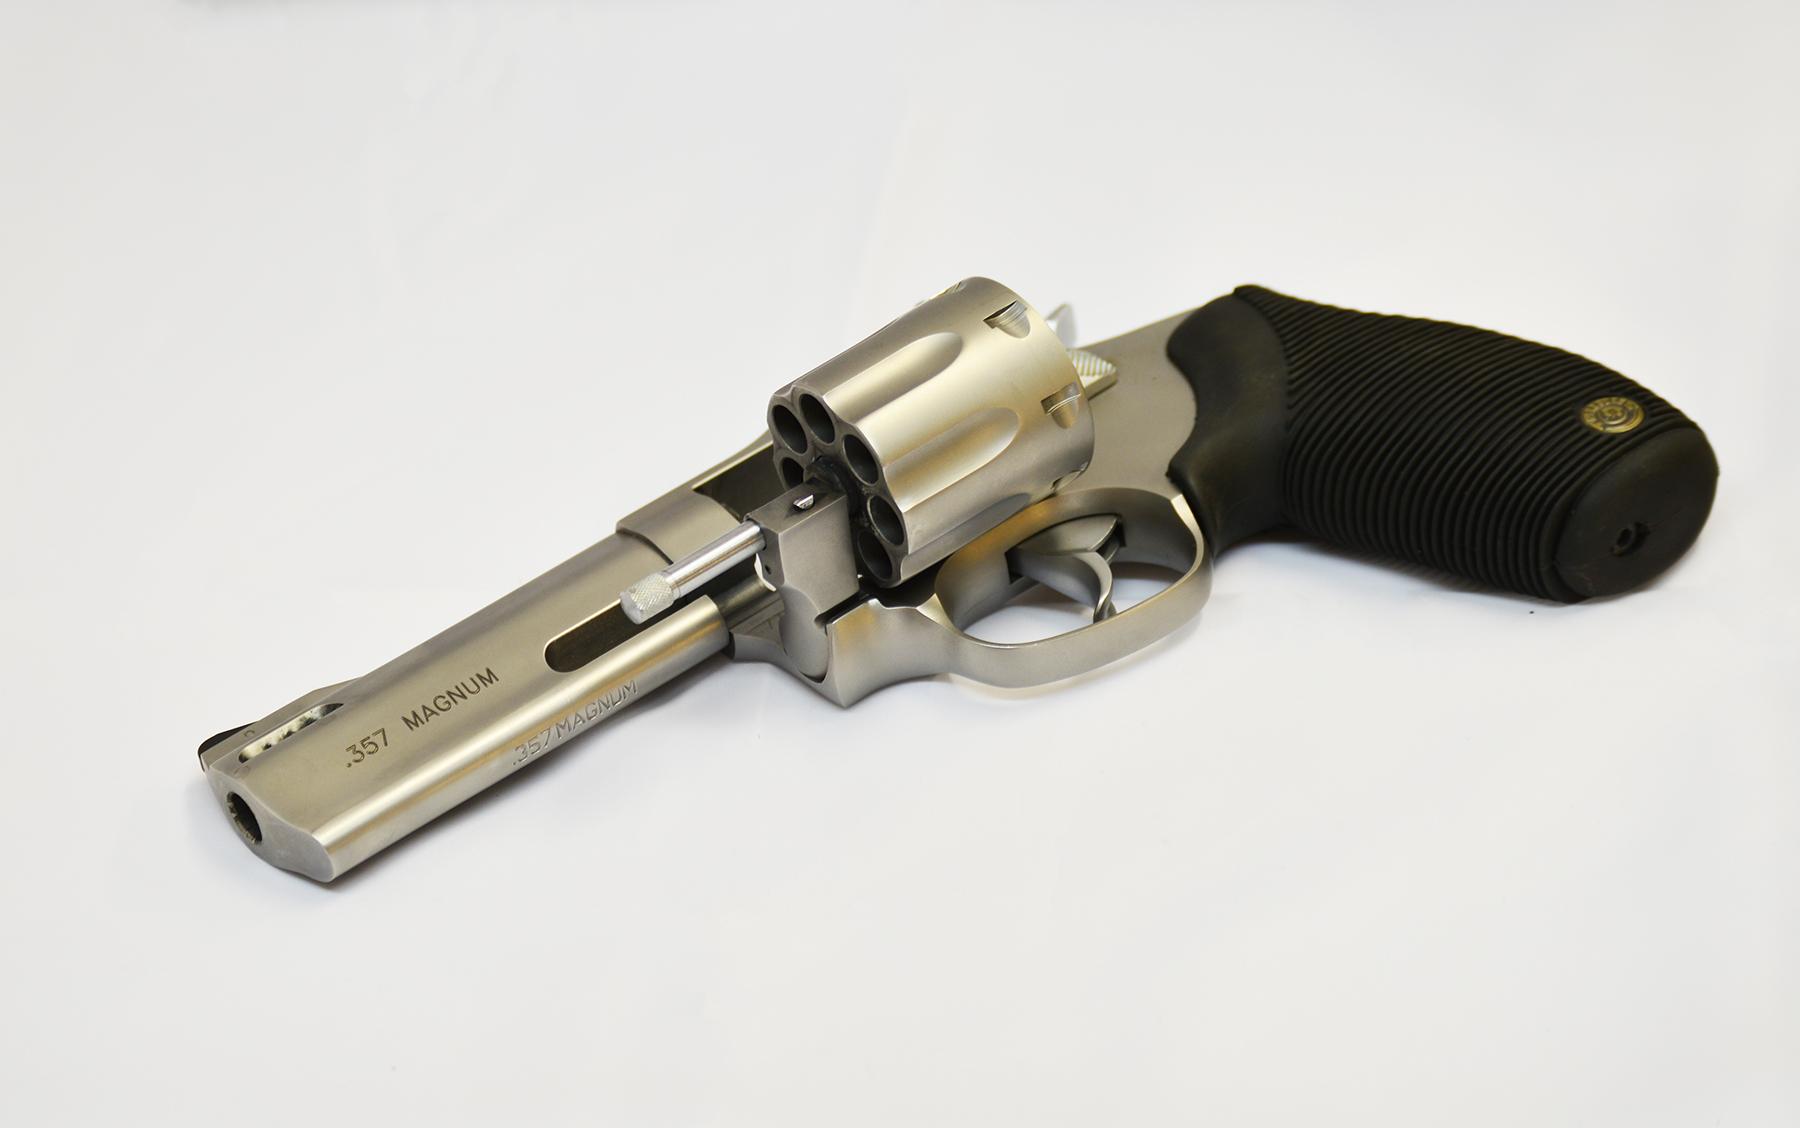 gun consignment